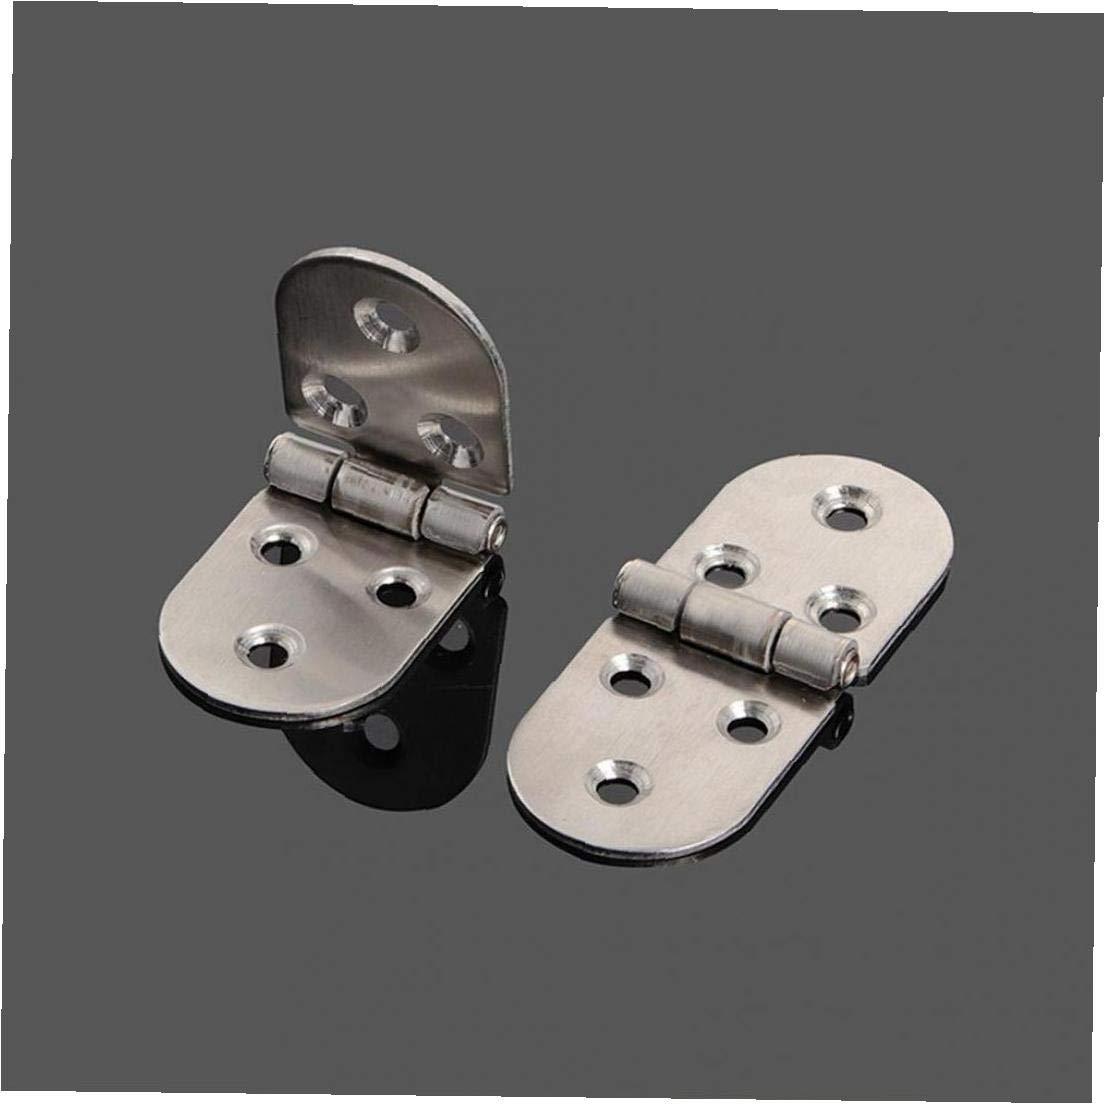 Herramienta plegable multiusos de acero inoxidable con 11 puntas y bolsa de nylon Alicates multiusos 24 en 1 Negro by TRENDINGTEMPLE